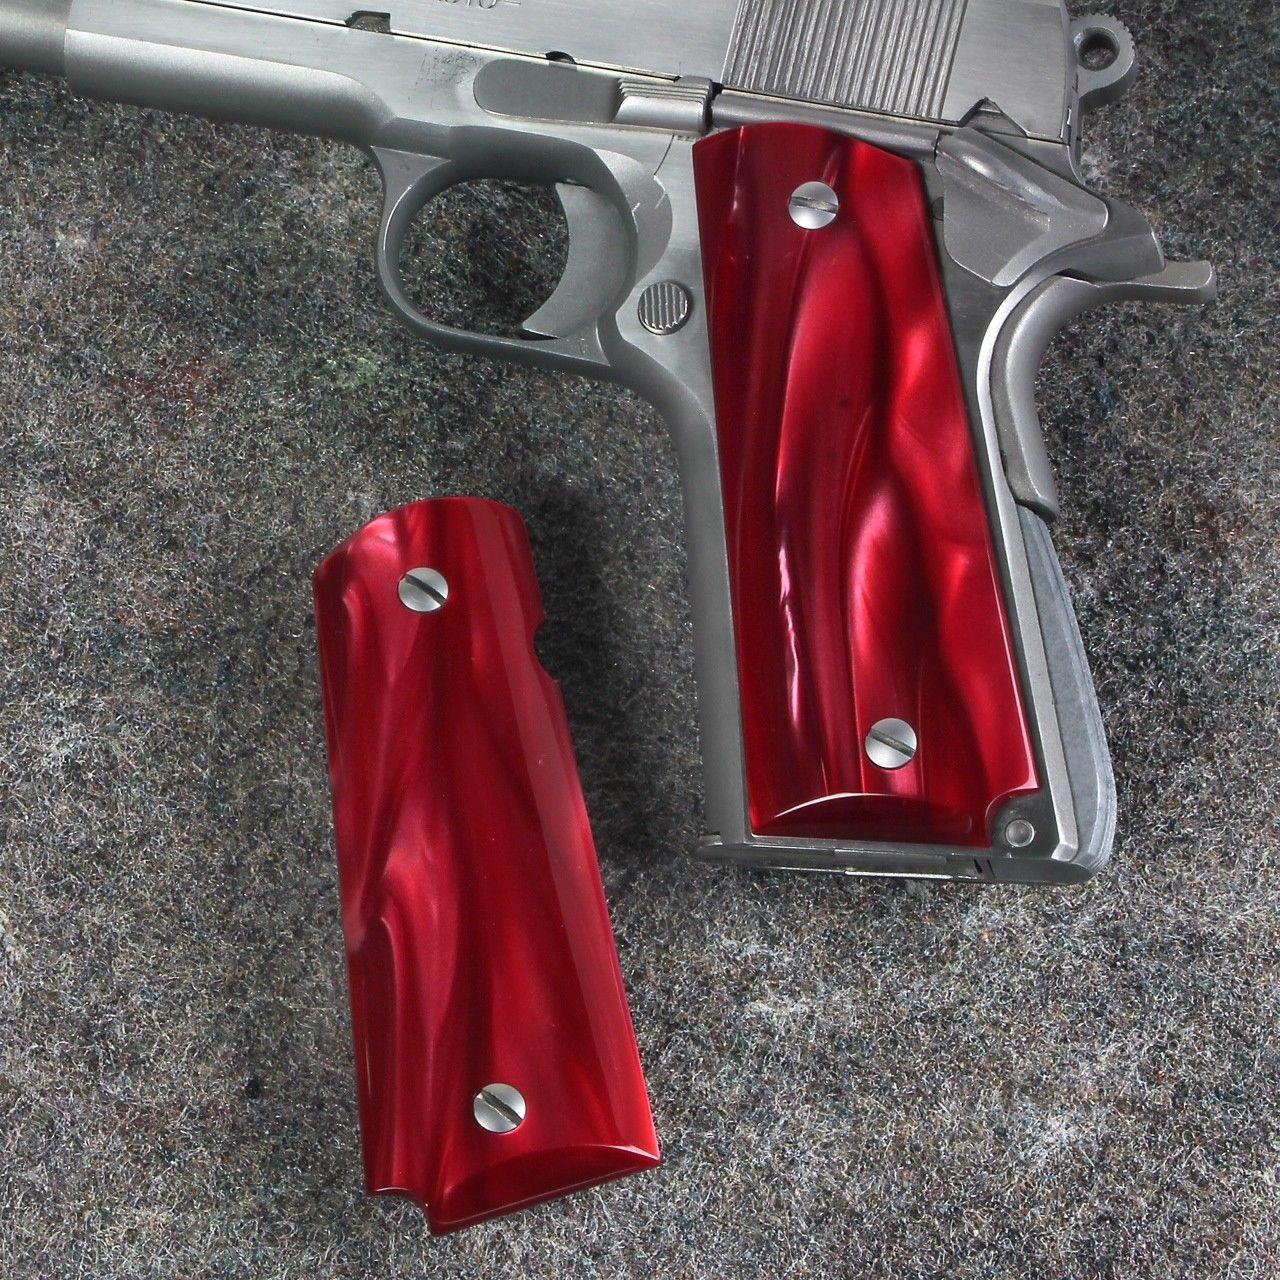 Pin On Gun Grips